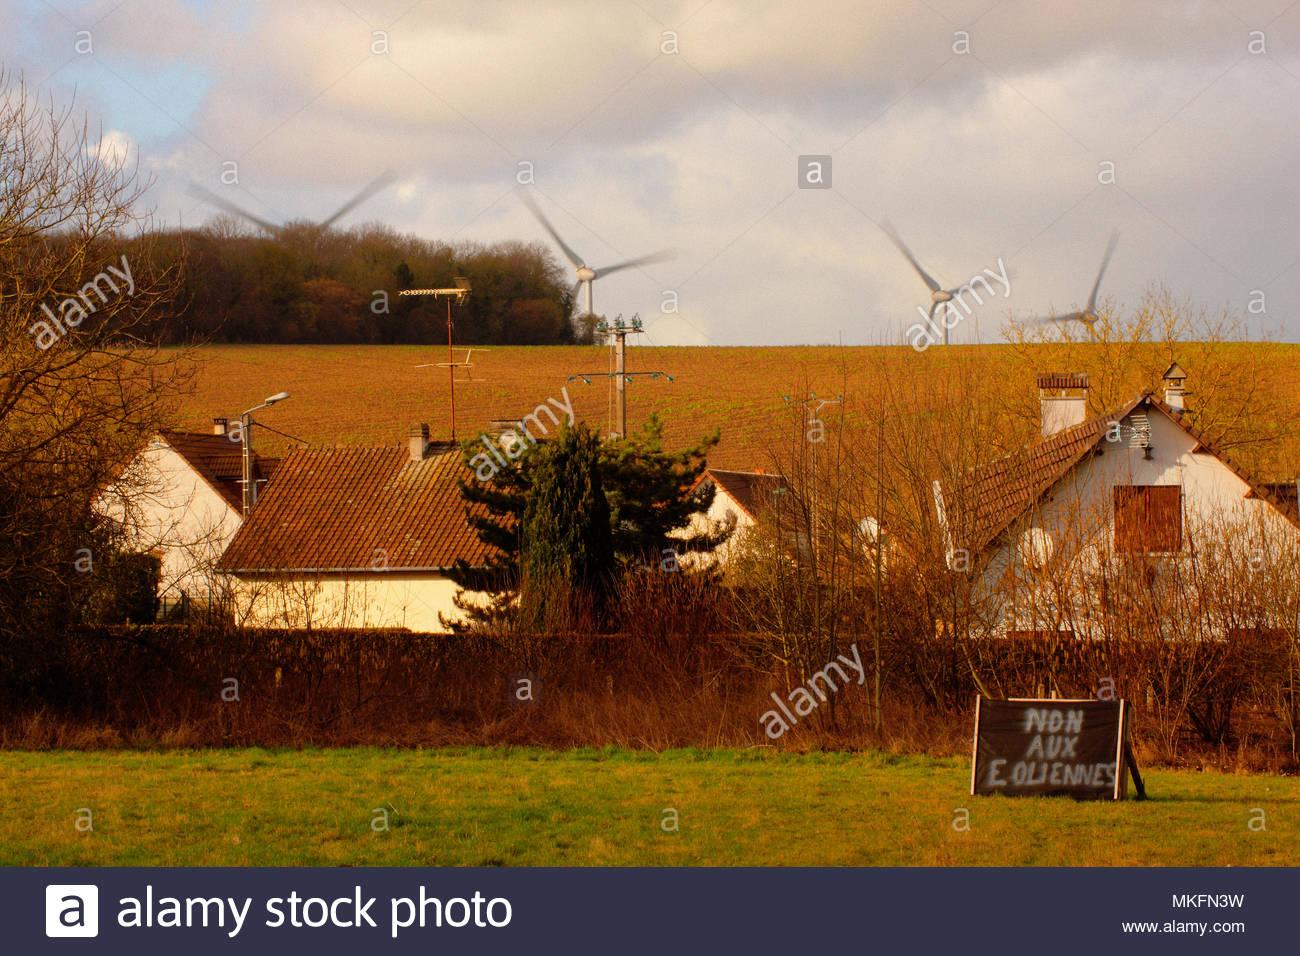 Panneau avec un message de protestation contre un projet d'installation de nouvelles éoliennes supplémentaires près d'un village, en Picardie - France. La pollution par le bruit. Photo Stock